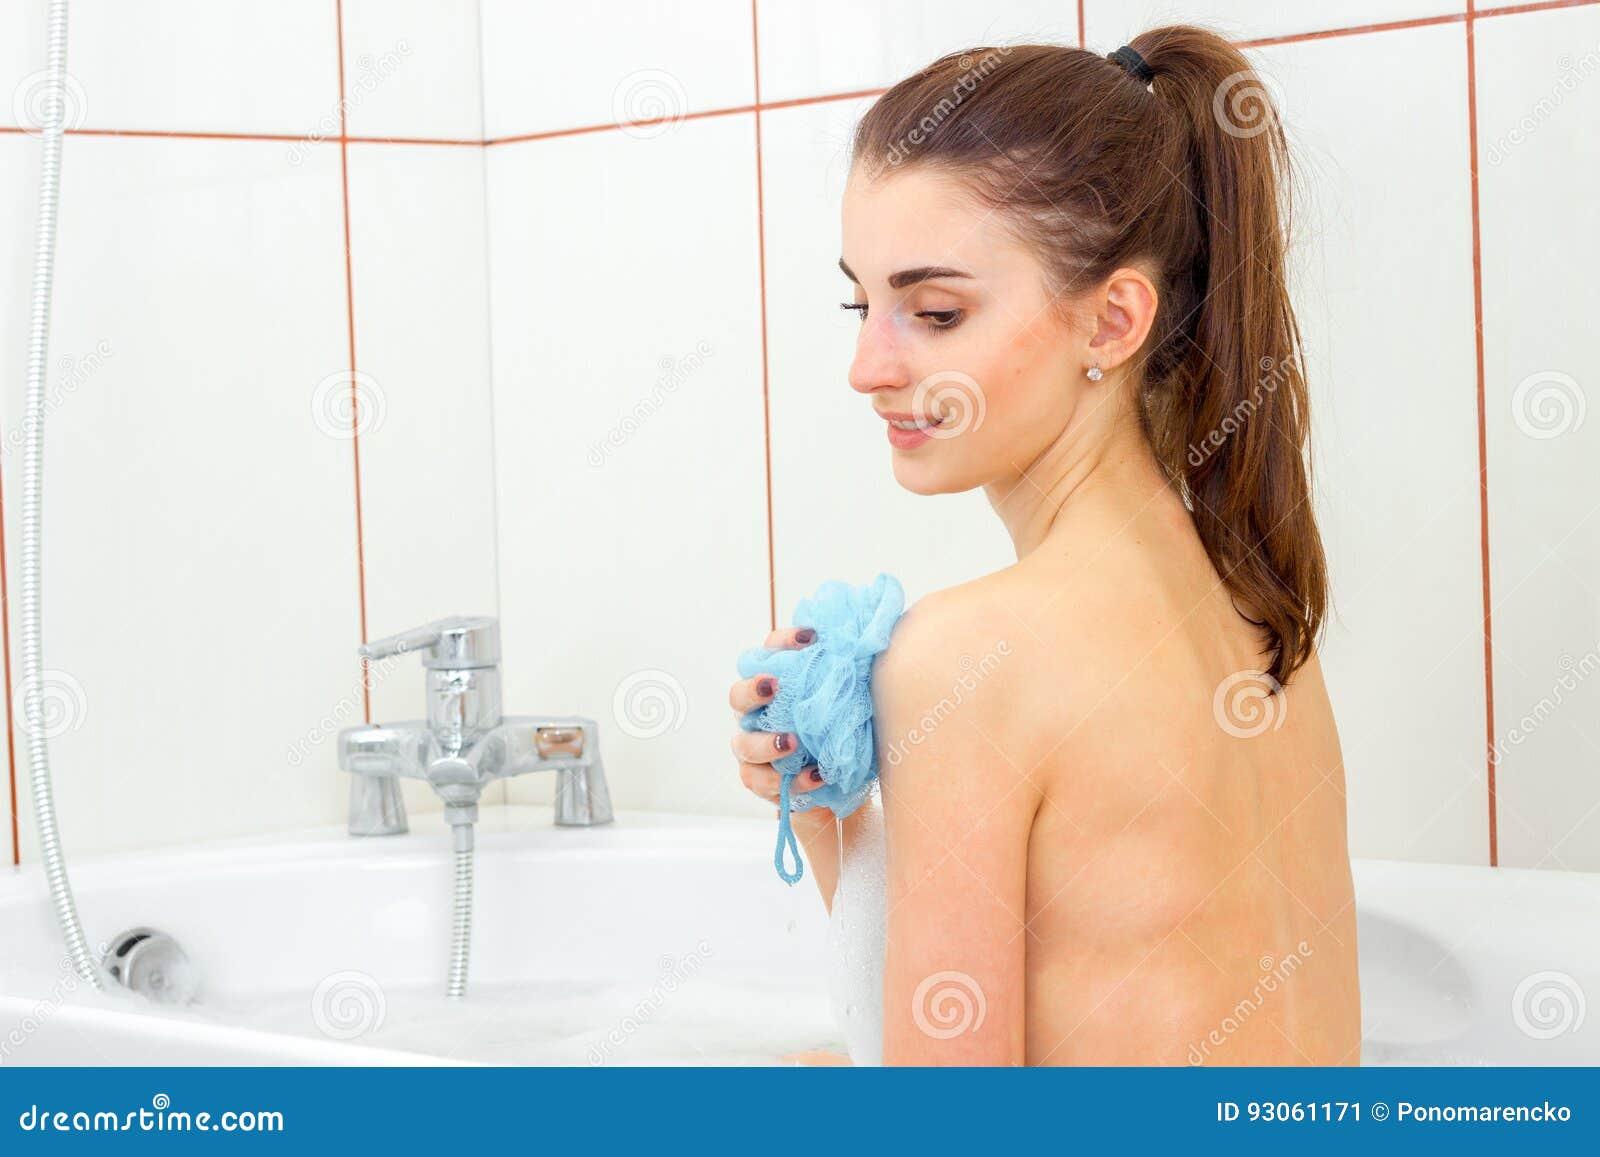 photos de fille nue mignonne couples amateur Porn